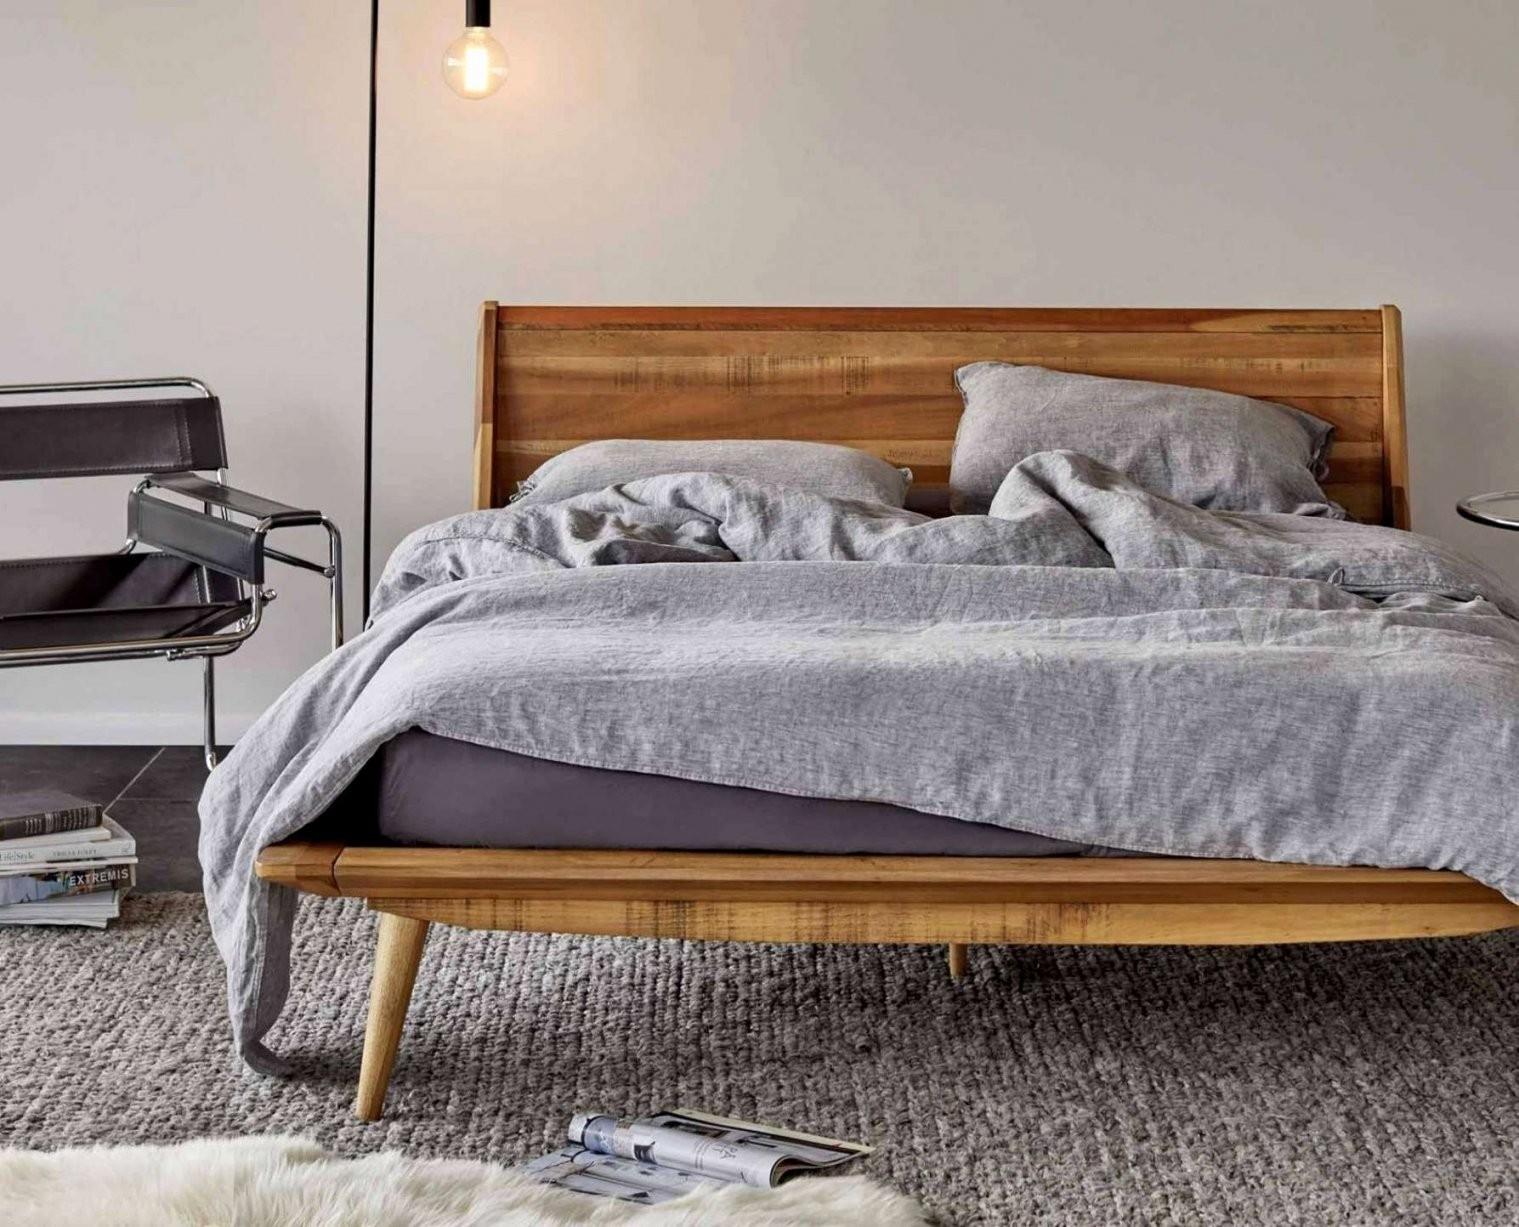 Europaletten Bett 160×200 Luxus 50 Neu Bett 140×200 Bettkasten von Europaletten Bett 160X200 Bild